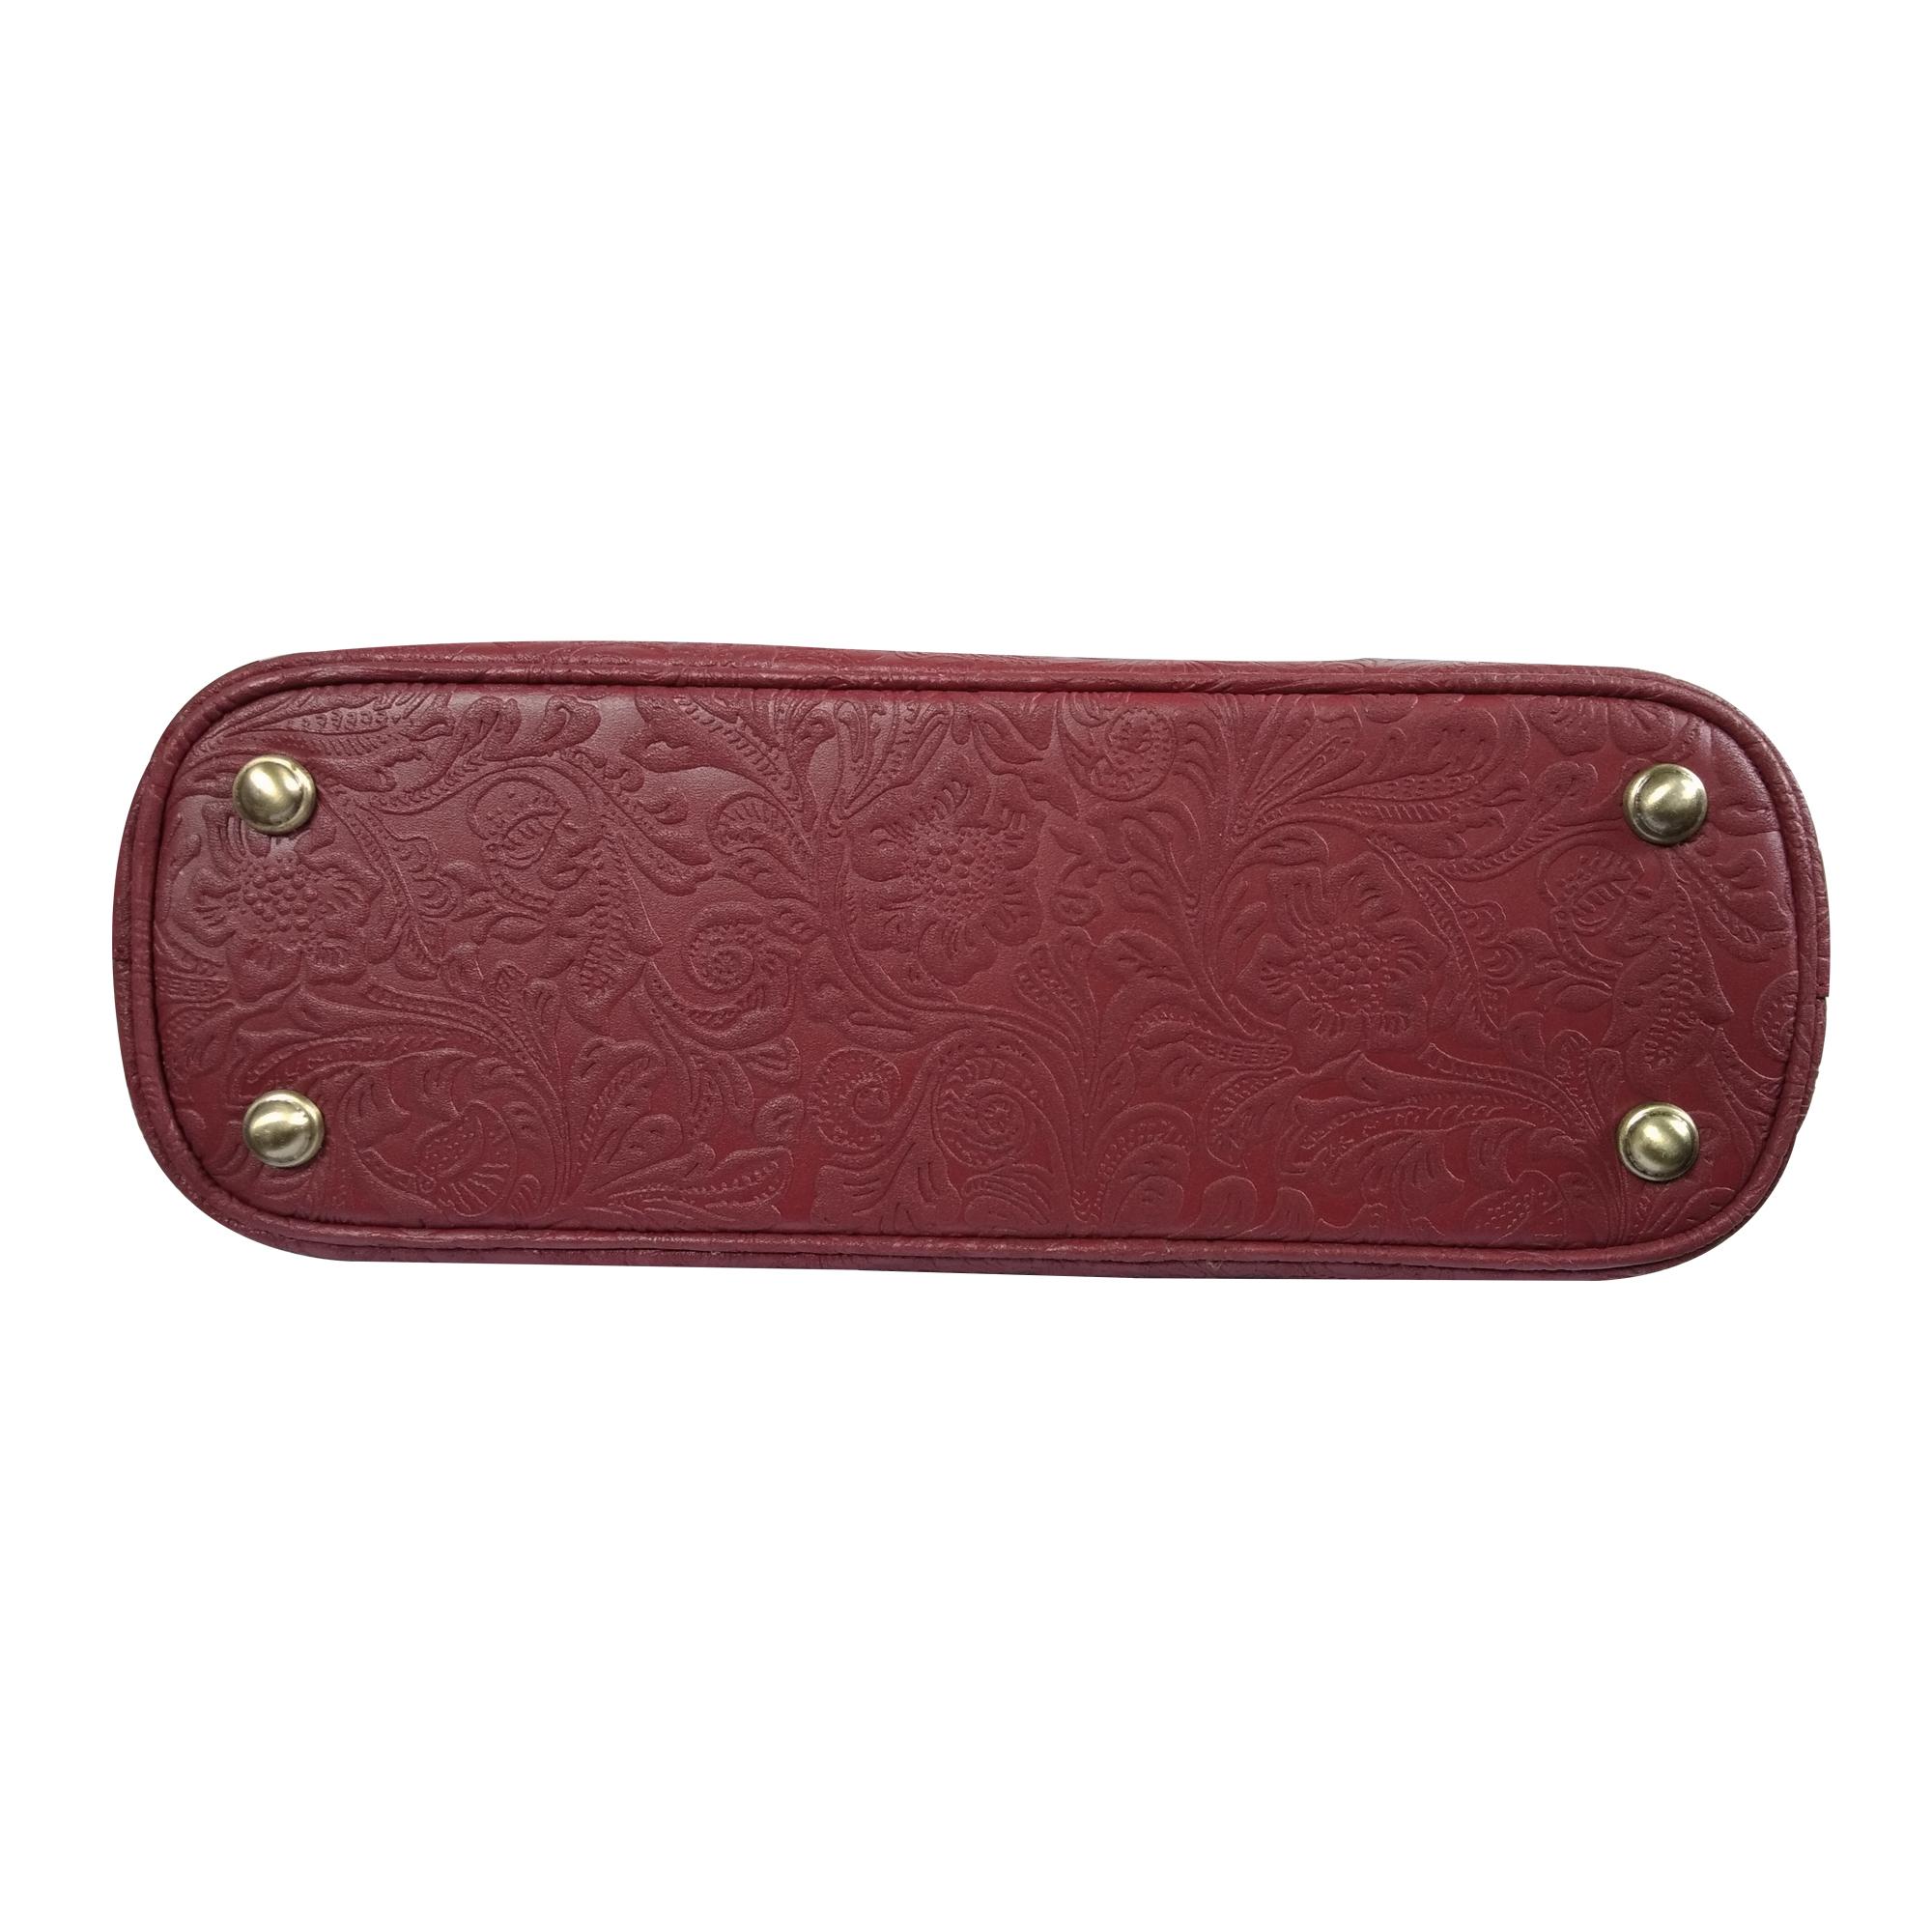 Leather Embossed Shoulder Office Handbag For Women